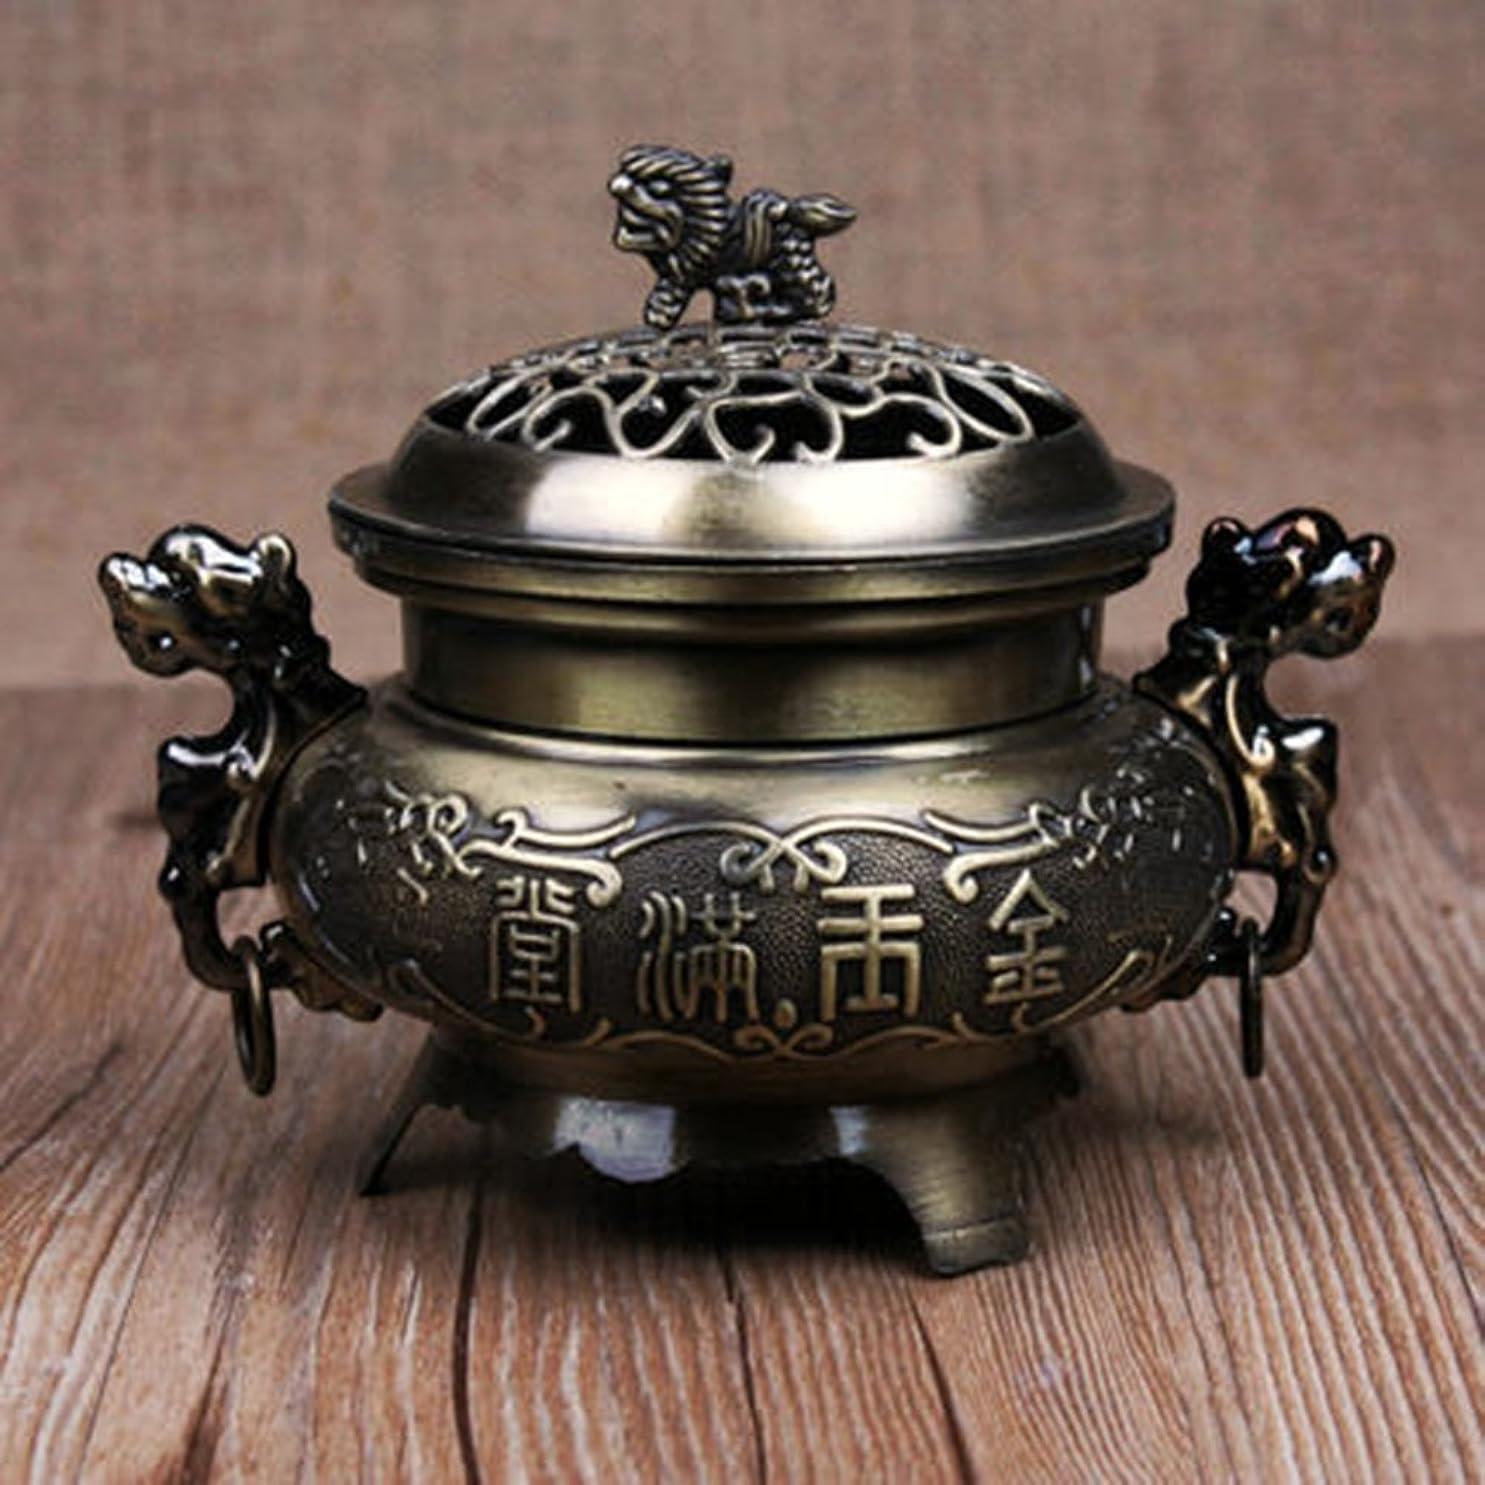 マカダム有利圧倒するLiebeye レトロスタイルの合金香炉 バーナーダブルドラゴン 中空カバー香炉 ホームデコレーション 青銅色